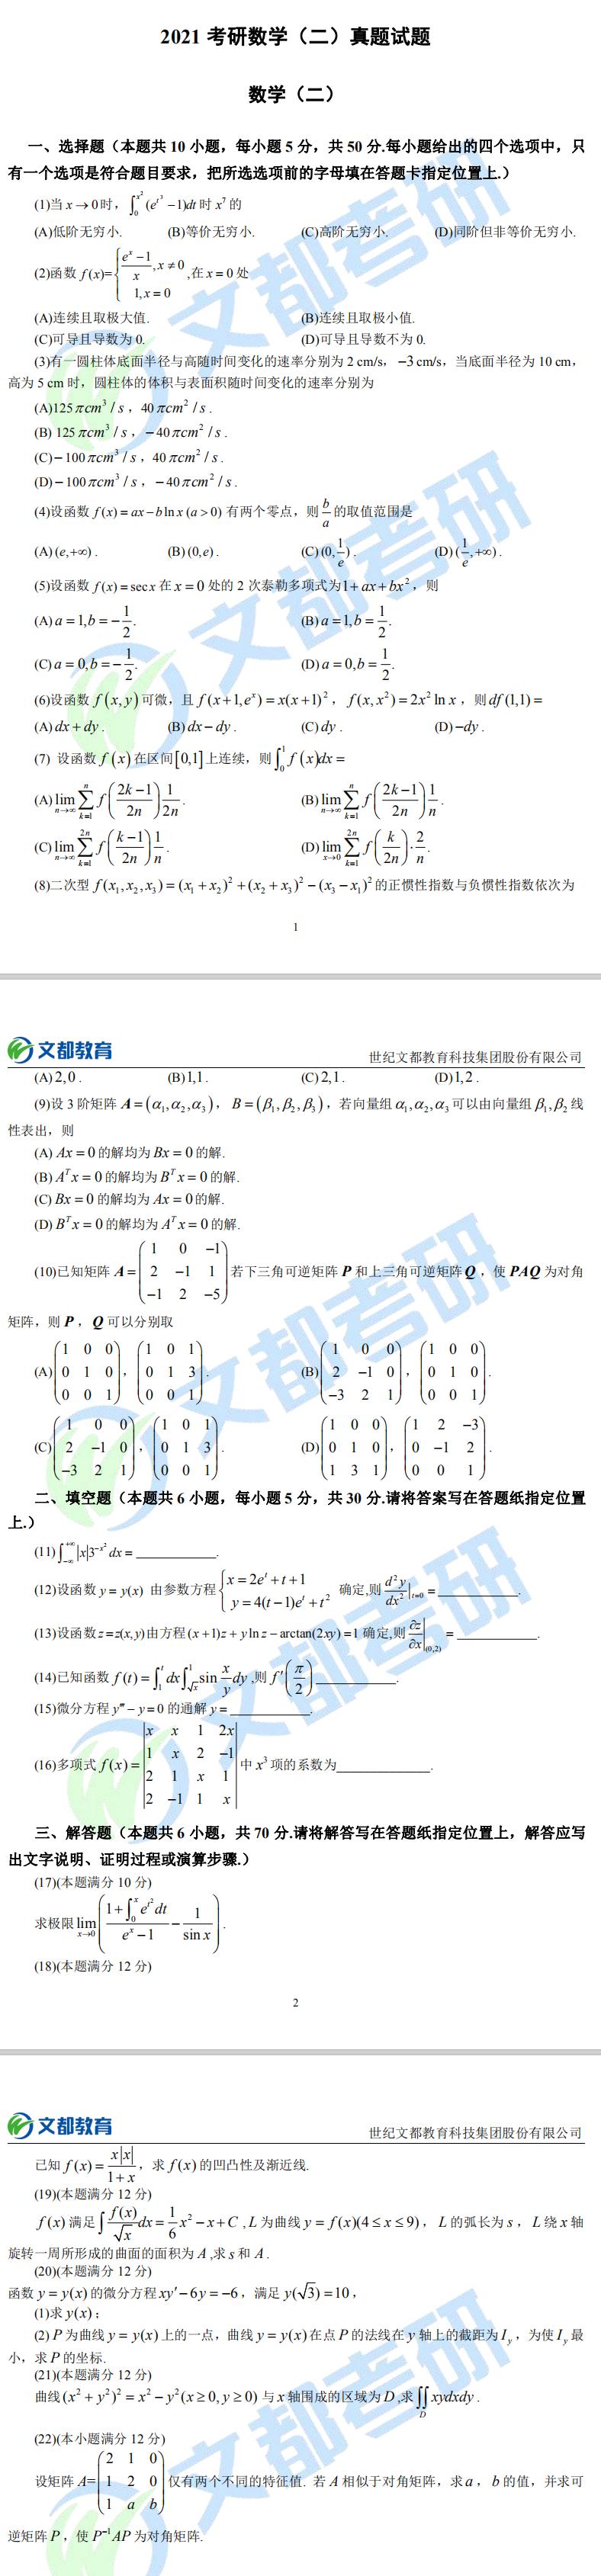 2021考研数学(二)真题